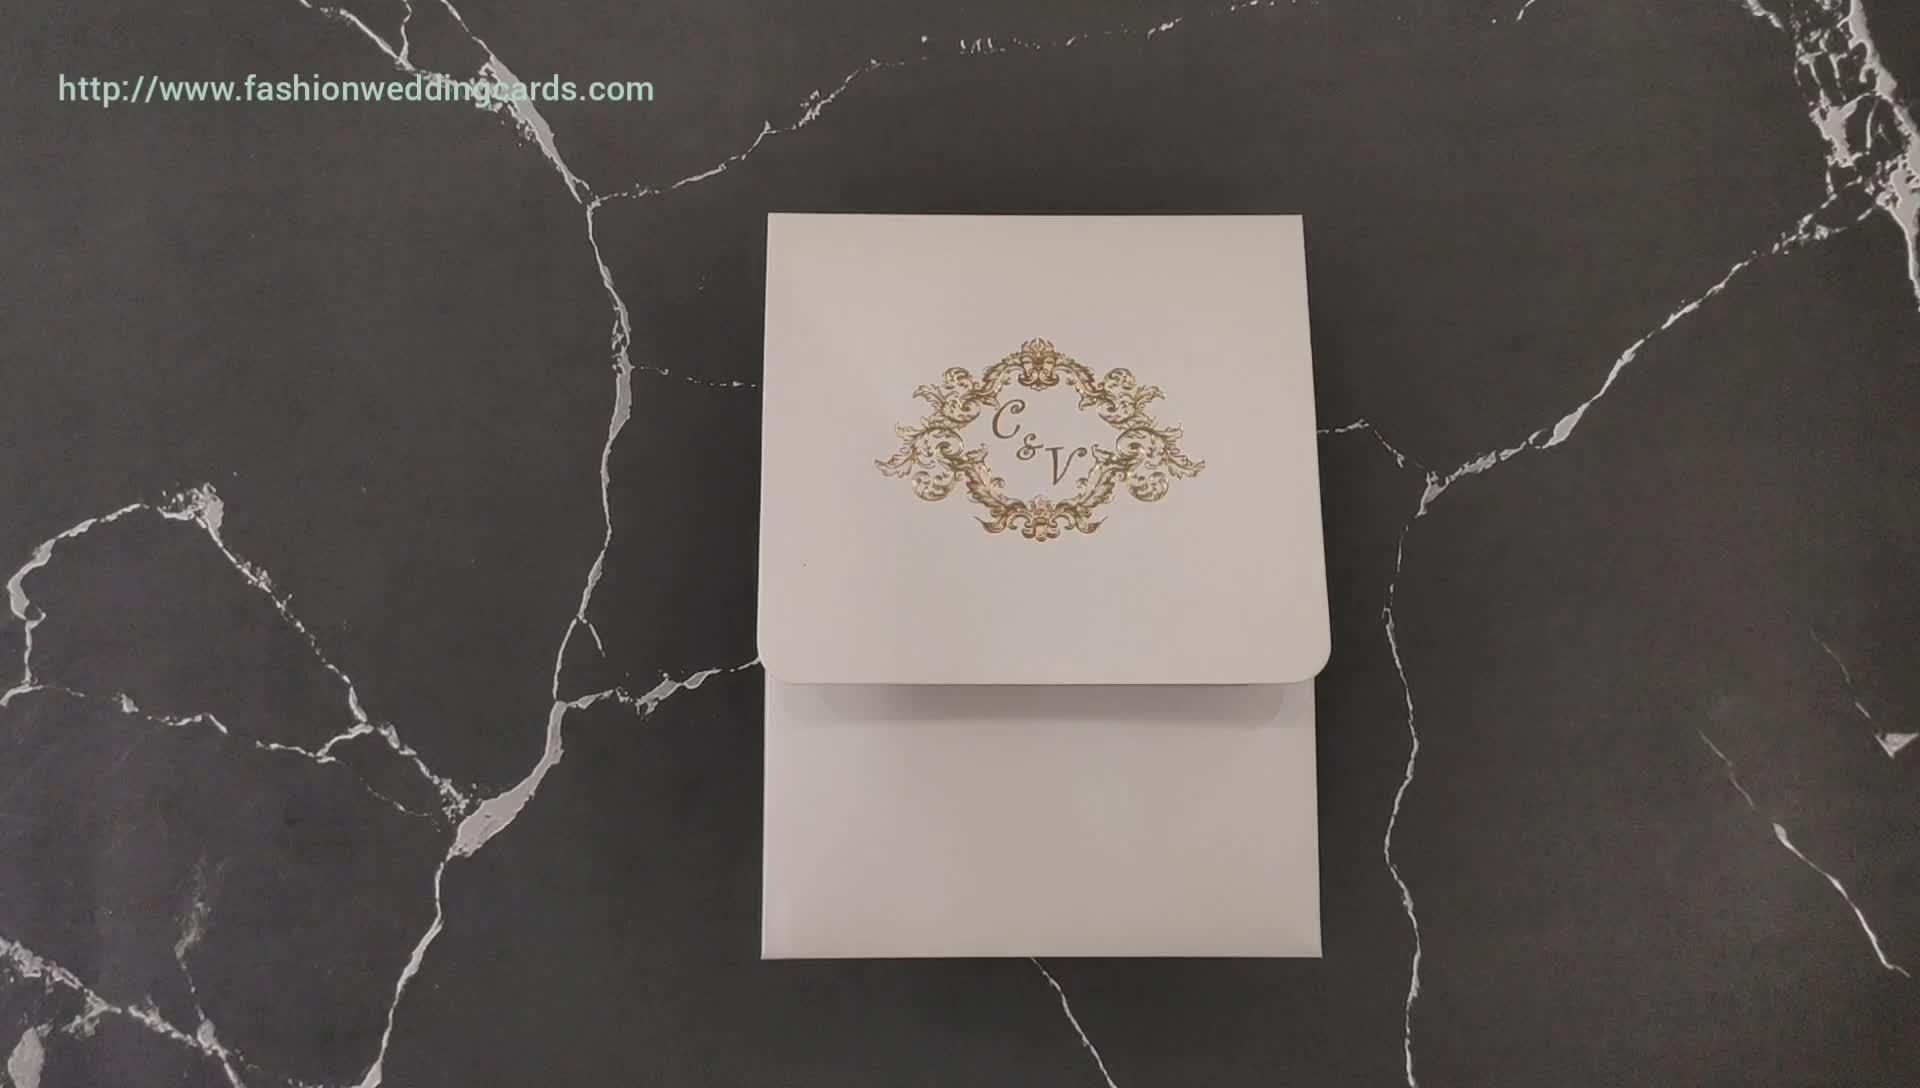 2019 neueste Design Transparent Doc Acryl Hochzeit Einladung Karte Custom Druck für Hand Made Umschlag